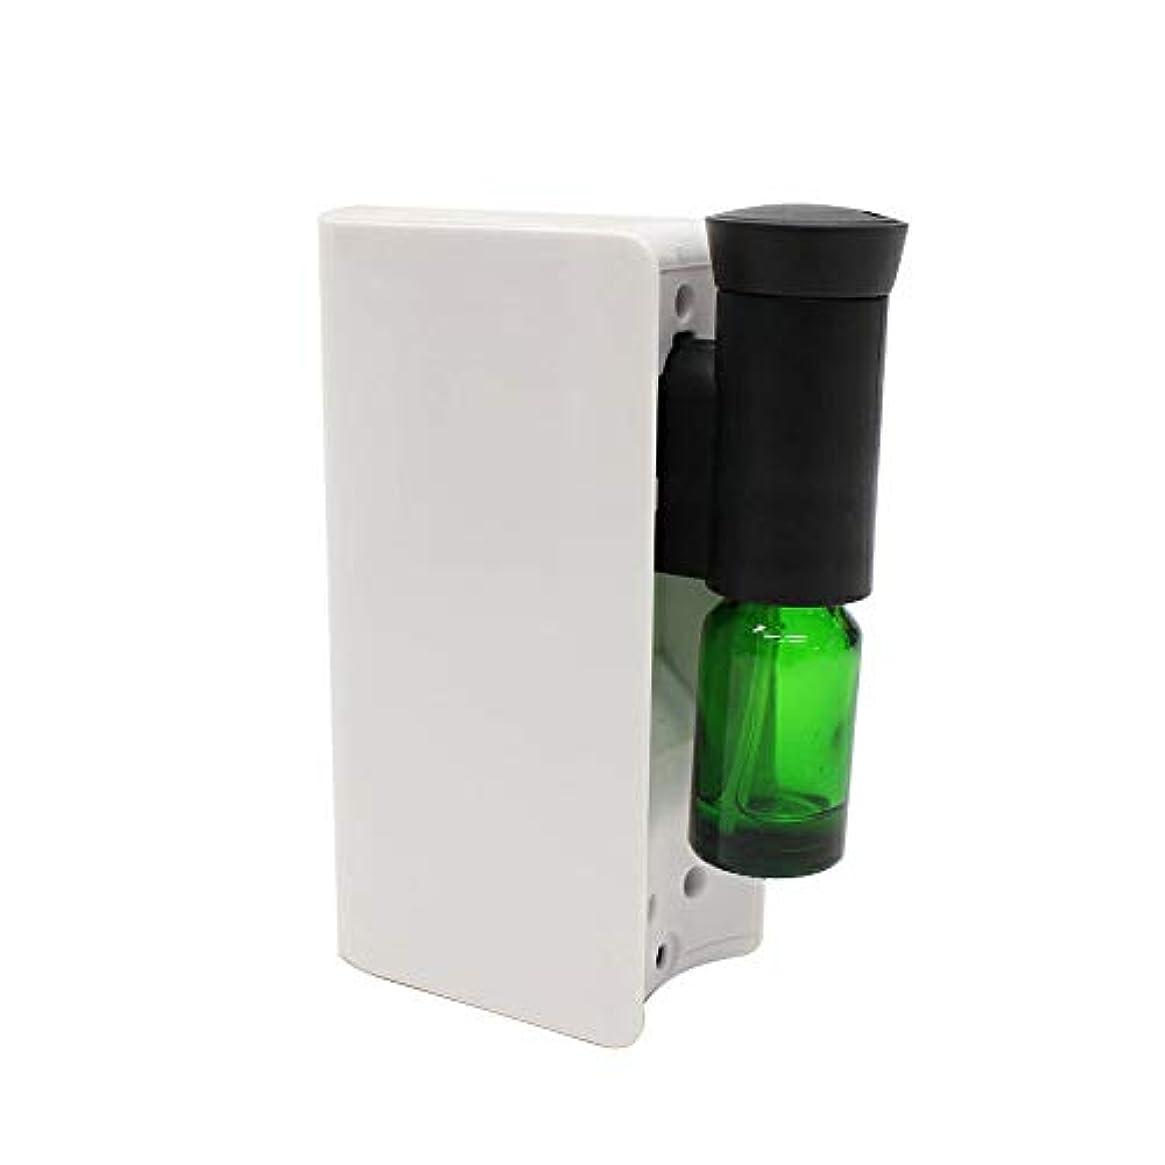 保証金広告上記の頭と肩アロマ ディフューザー 電池式アロマディフューザー 水を使わない ネブライザー式 アロマオイル対応 自動停止 ECOモード搭載 香り 癒し シンプル コンパクト ホワイト